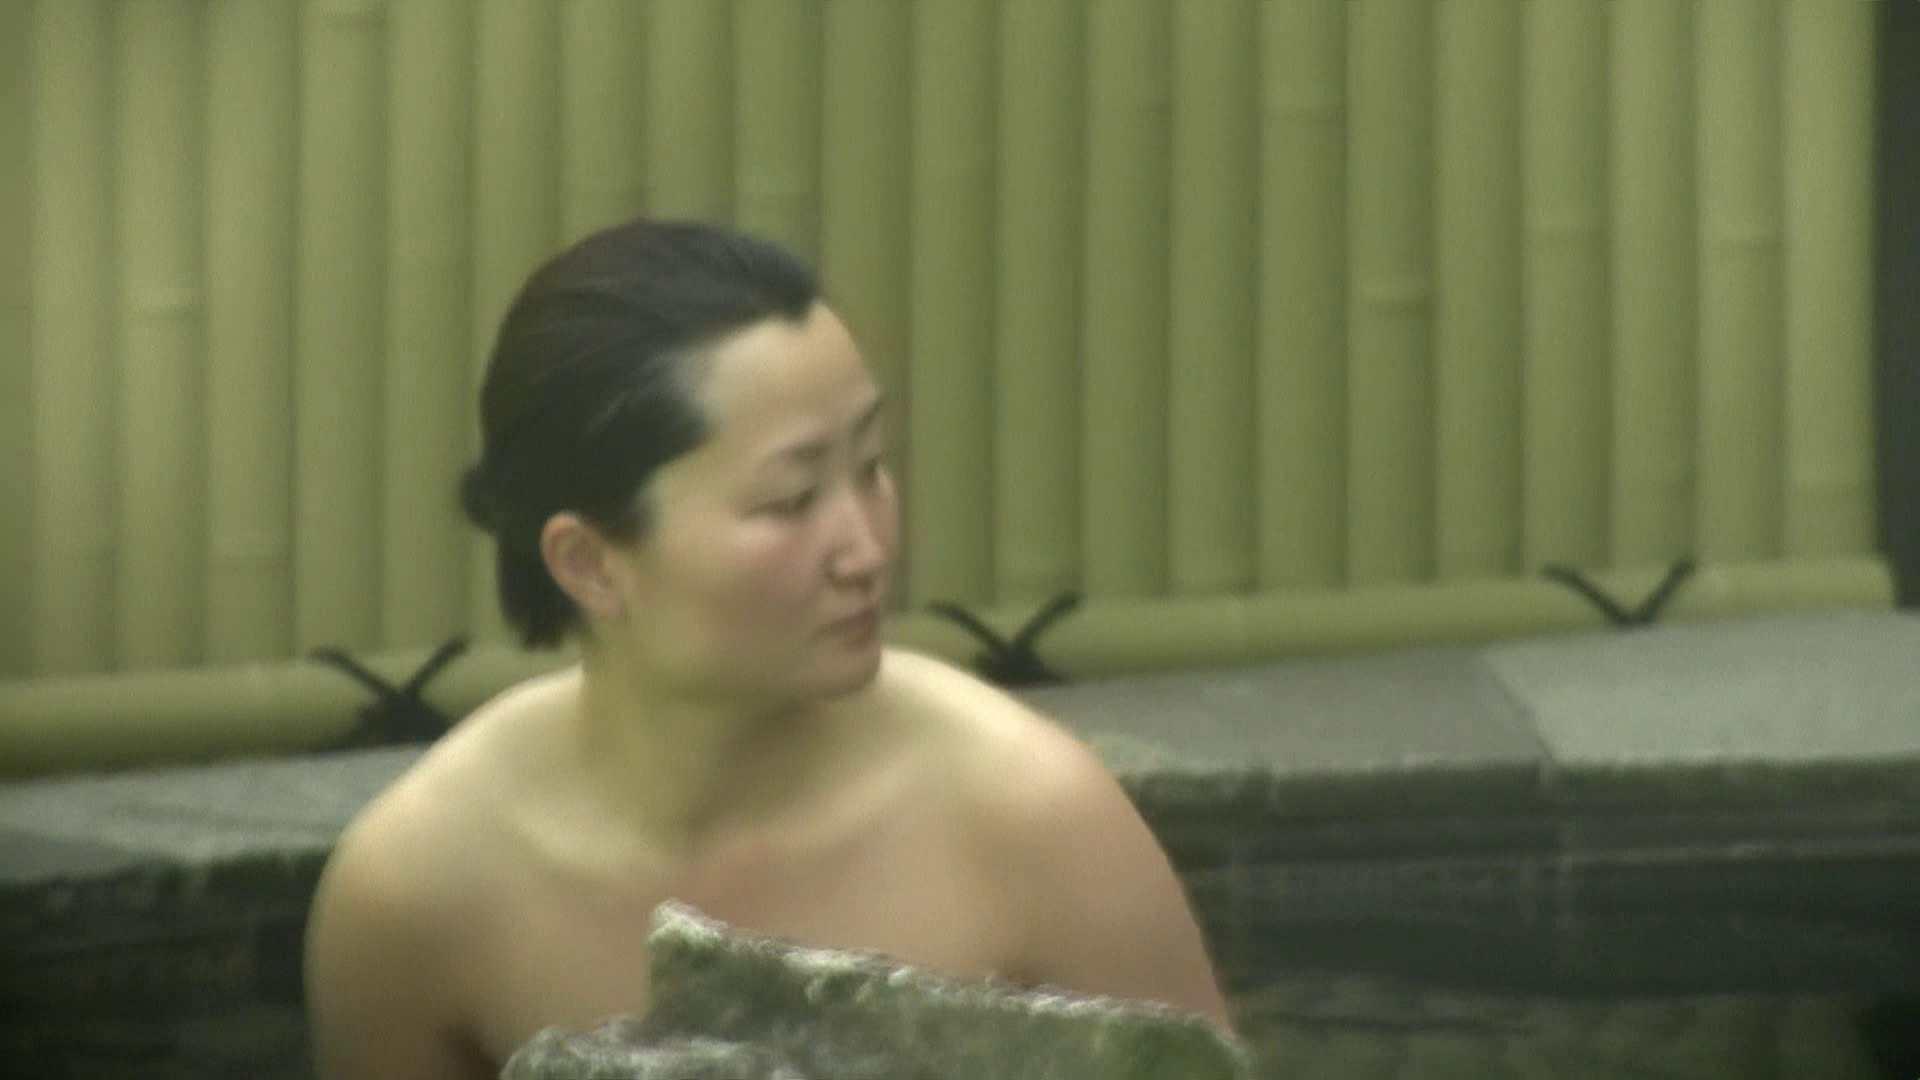 Aquaな露天風呂Vol.632 盗撮  70画像 3